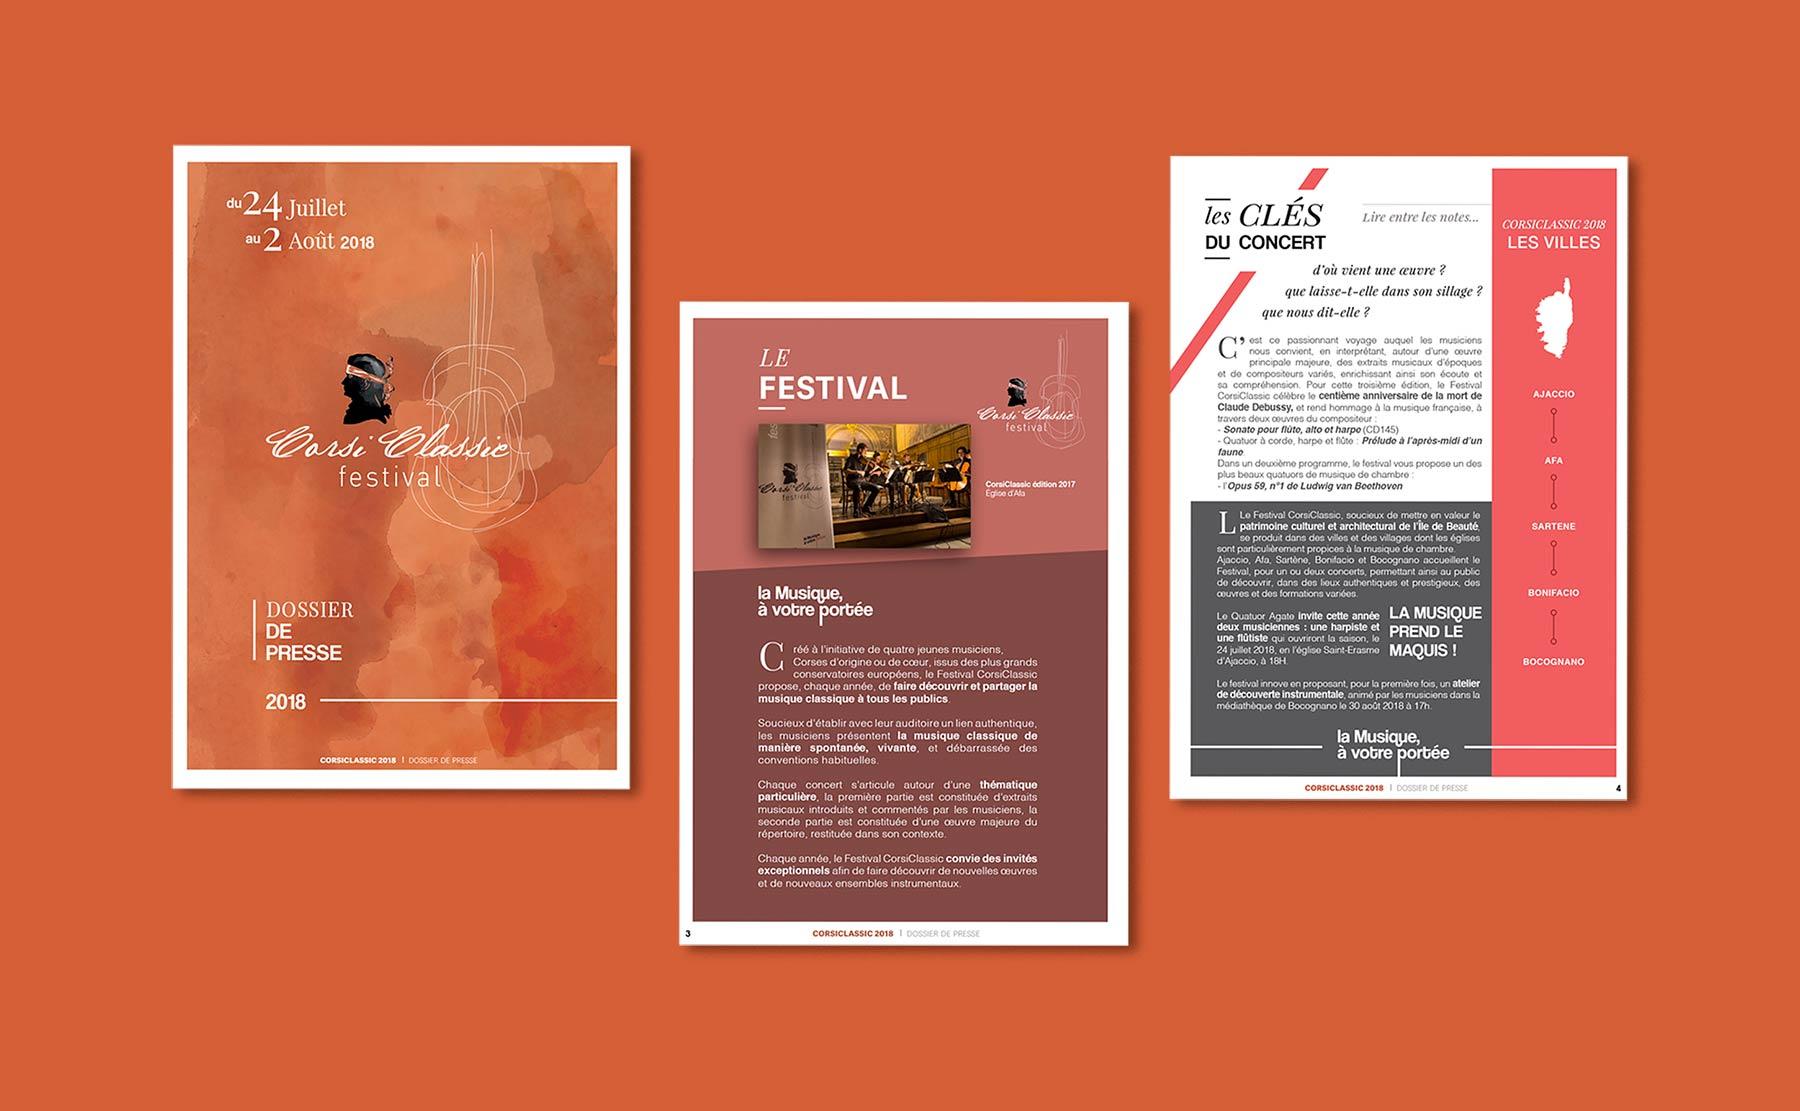 Corsiclassic festival de musique de Chambre en Corse, communication et dossier de presse